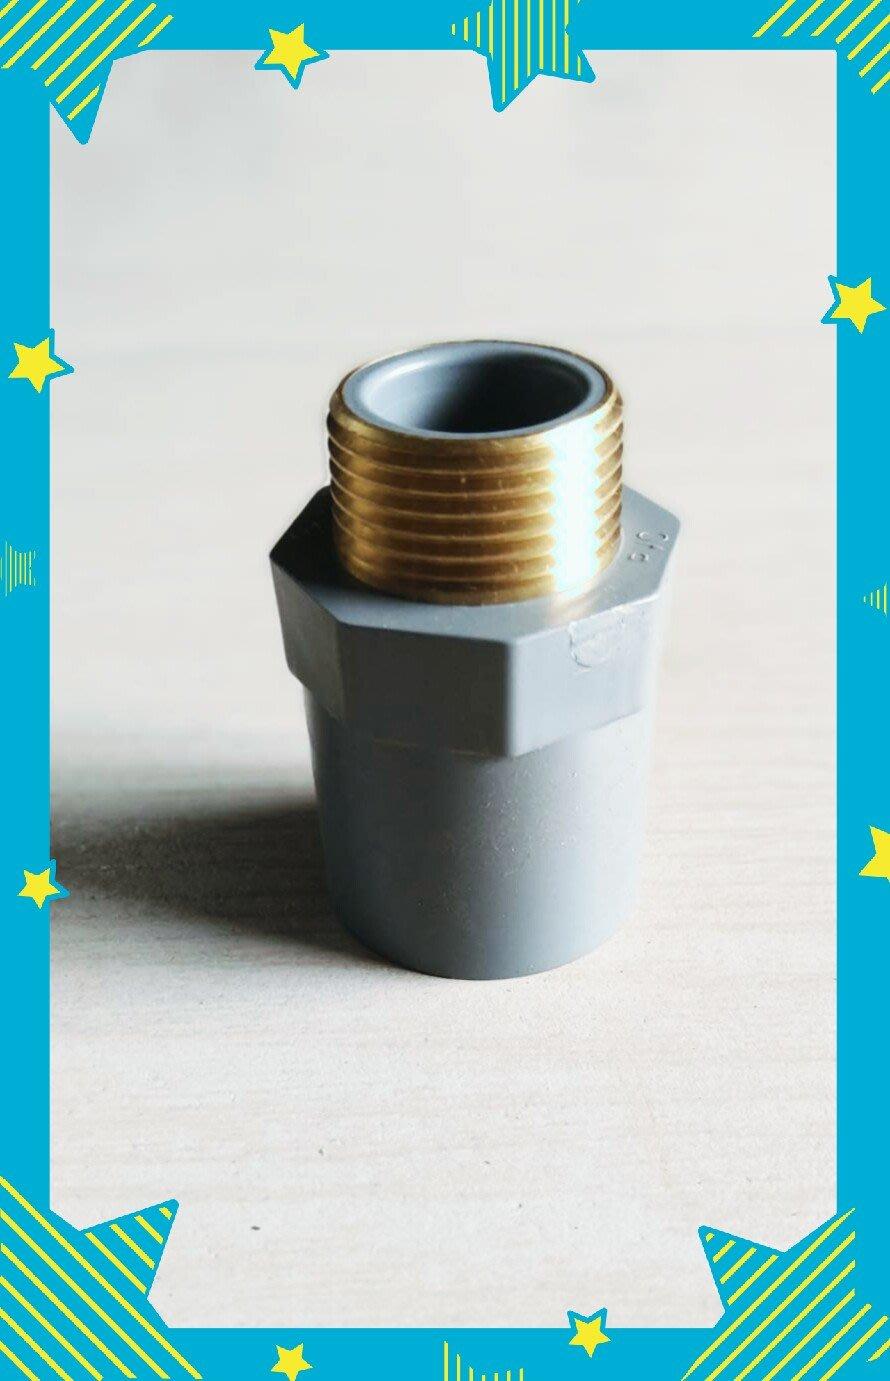 1'1/2套銅閥接頭,1吋半套銅閥接頭,1'1/2外牙套銅S,1'1/2塑膠閥接外牙套銅接頭。